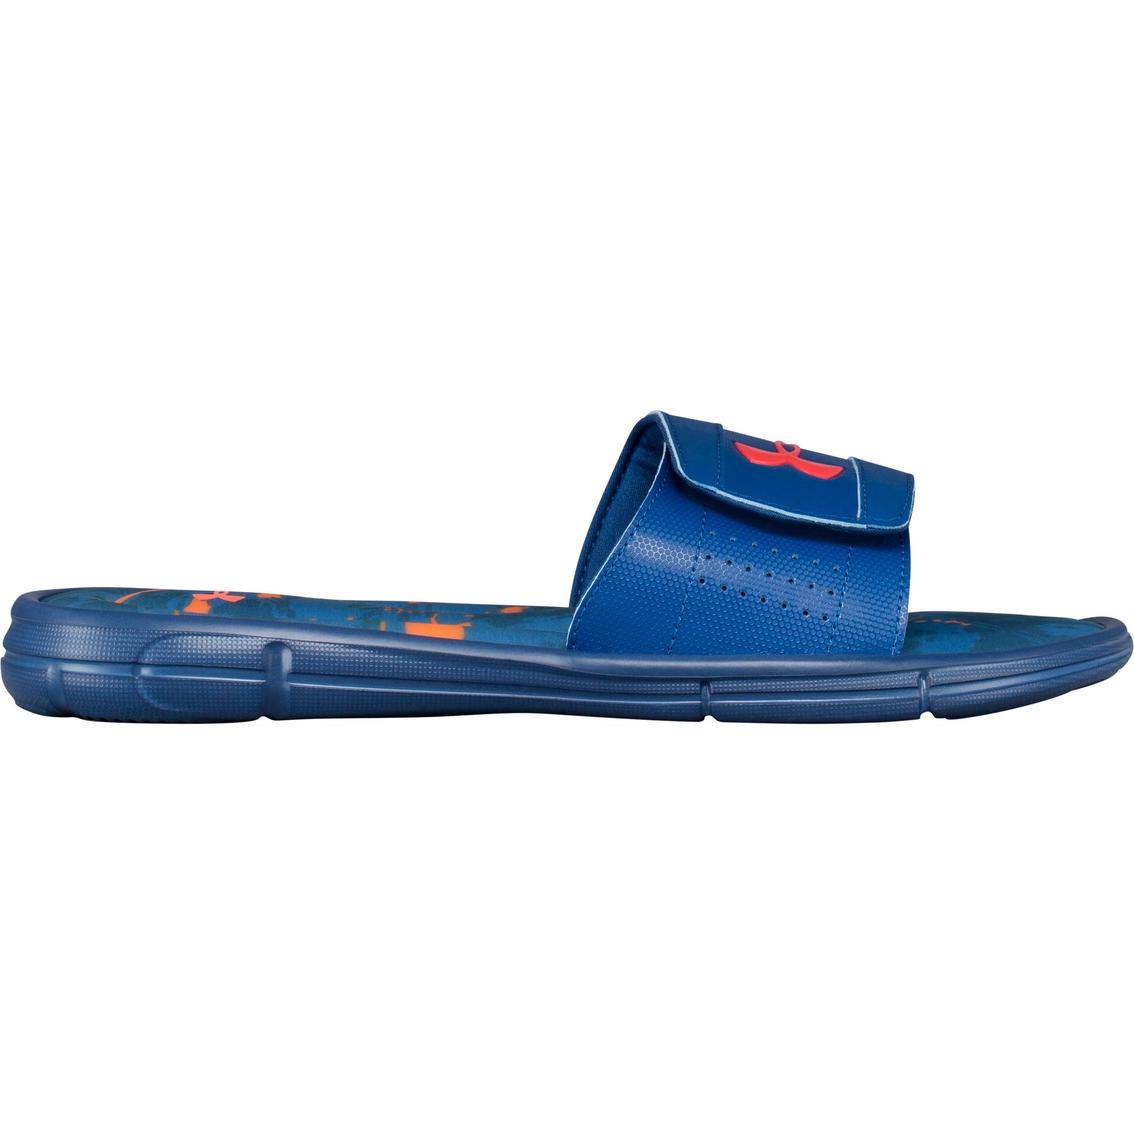 07365893c371 Under Armour Men's Ignite Breaker V Slide Sandals | Sandals & Flip ...